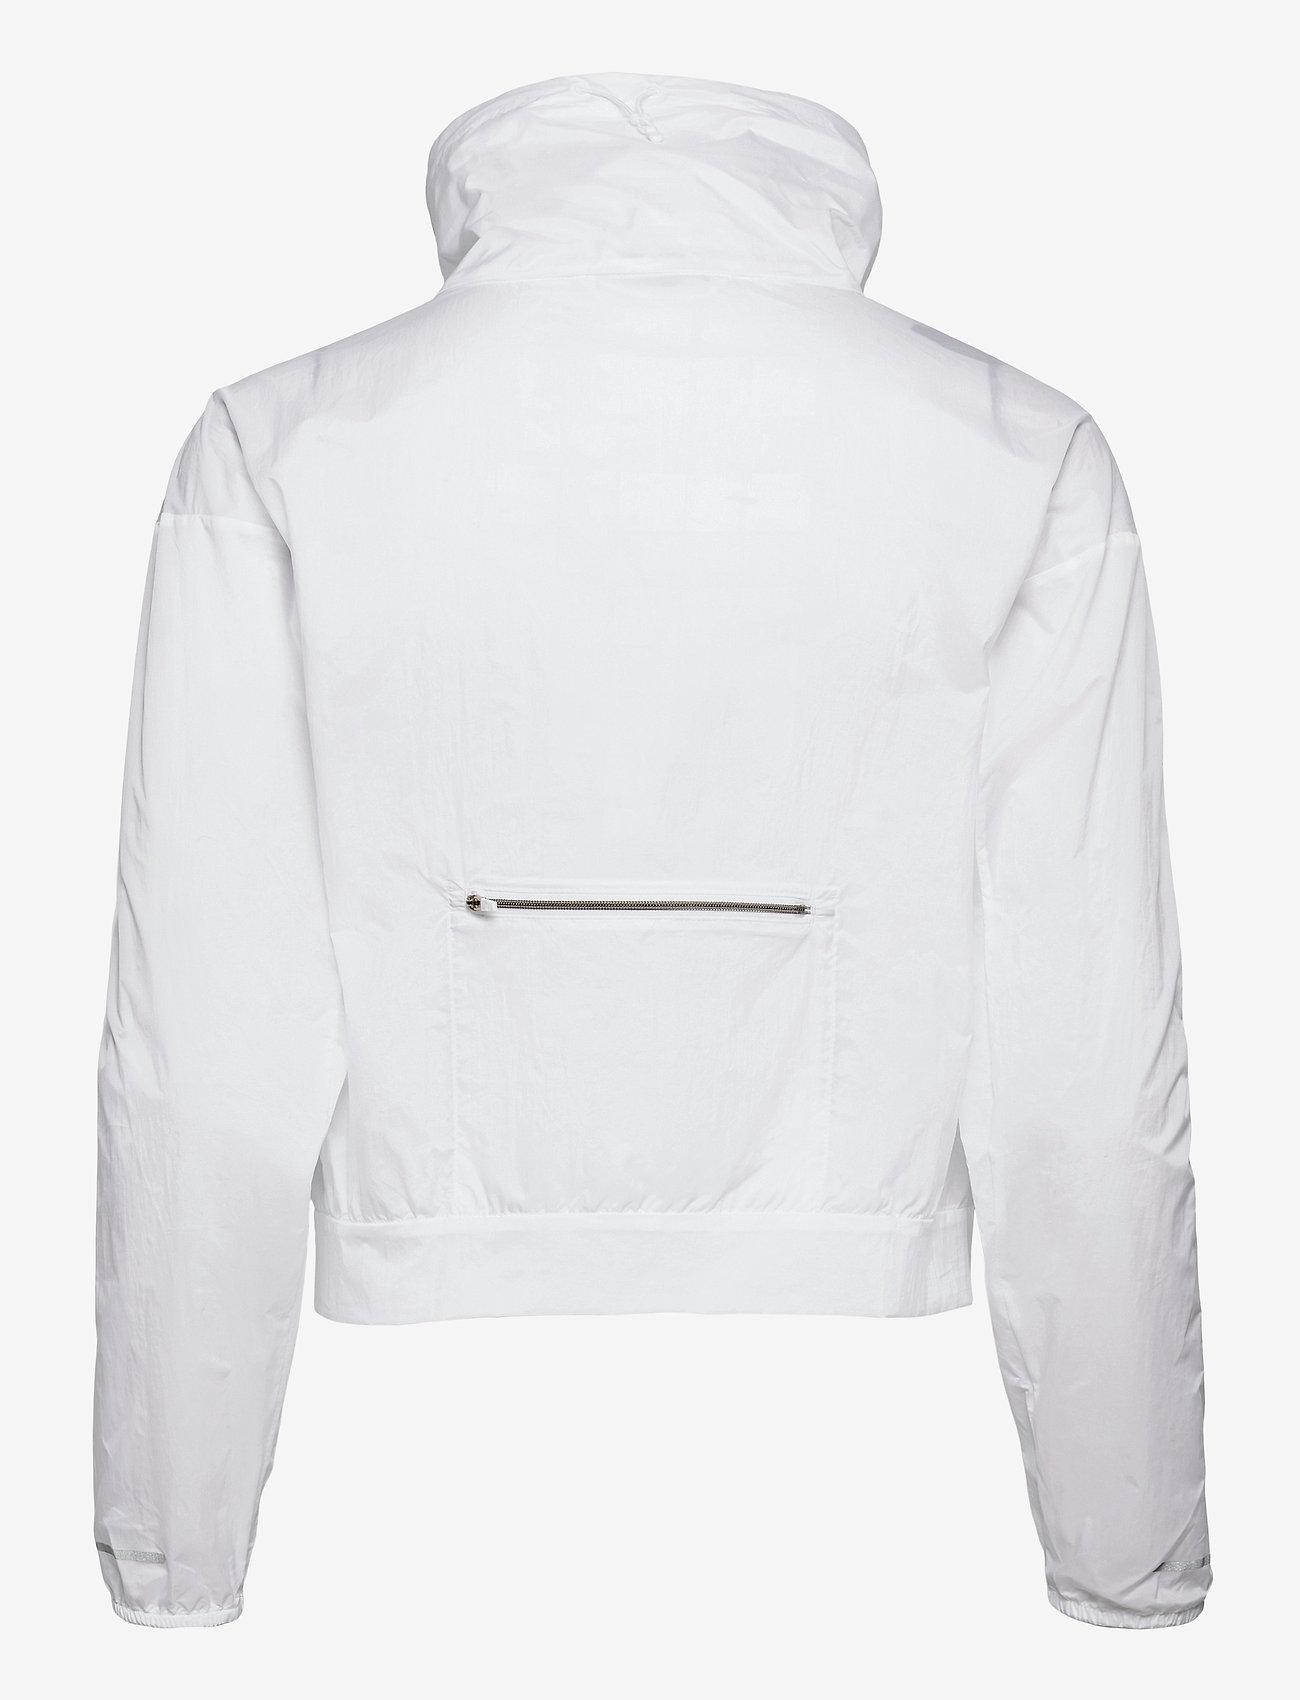 Asics - SAKURA JACKET - training jackets - brilliant white - 1